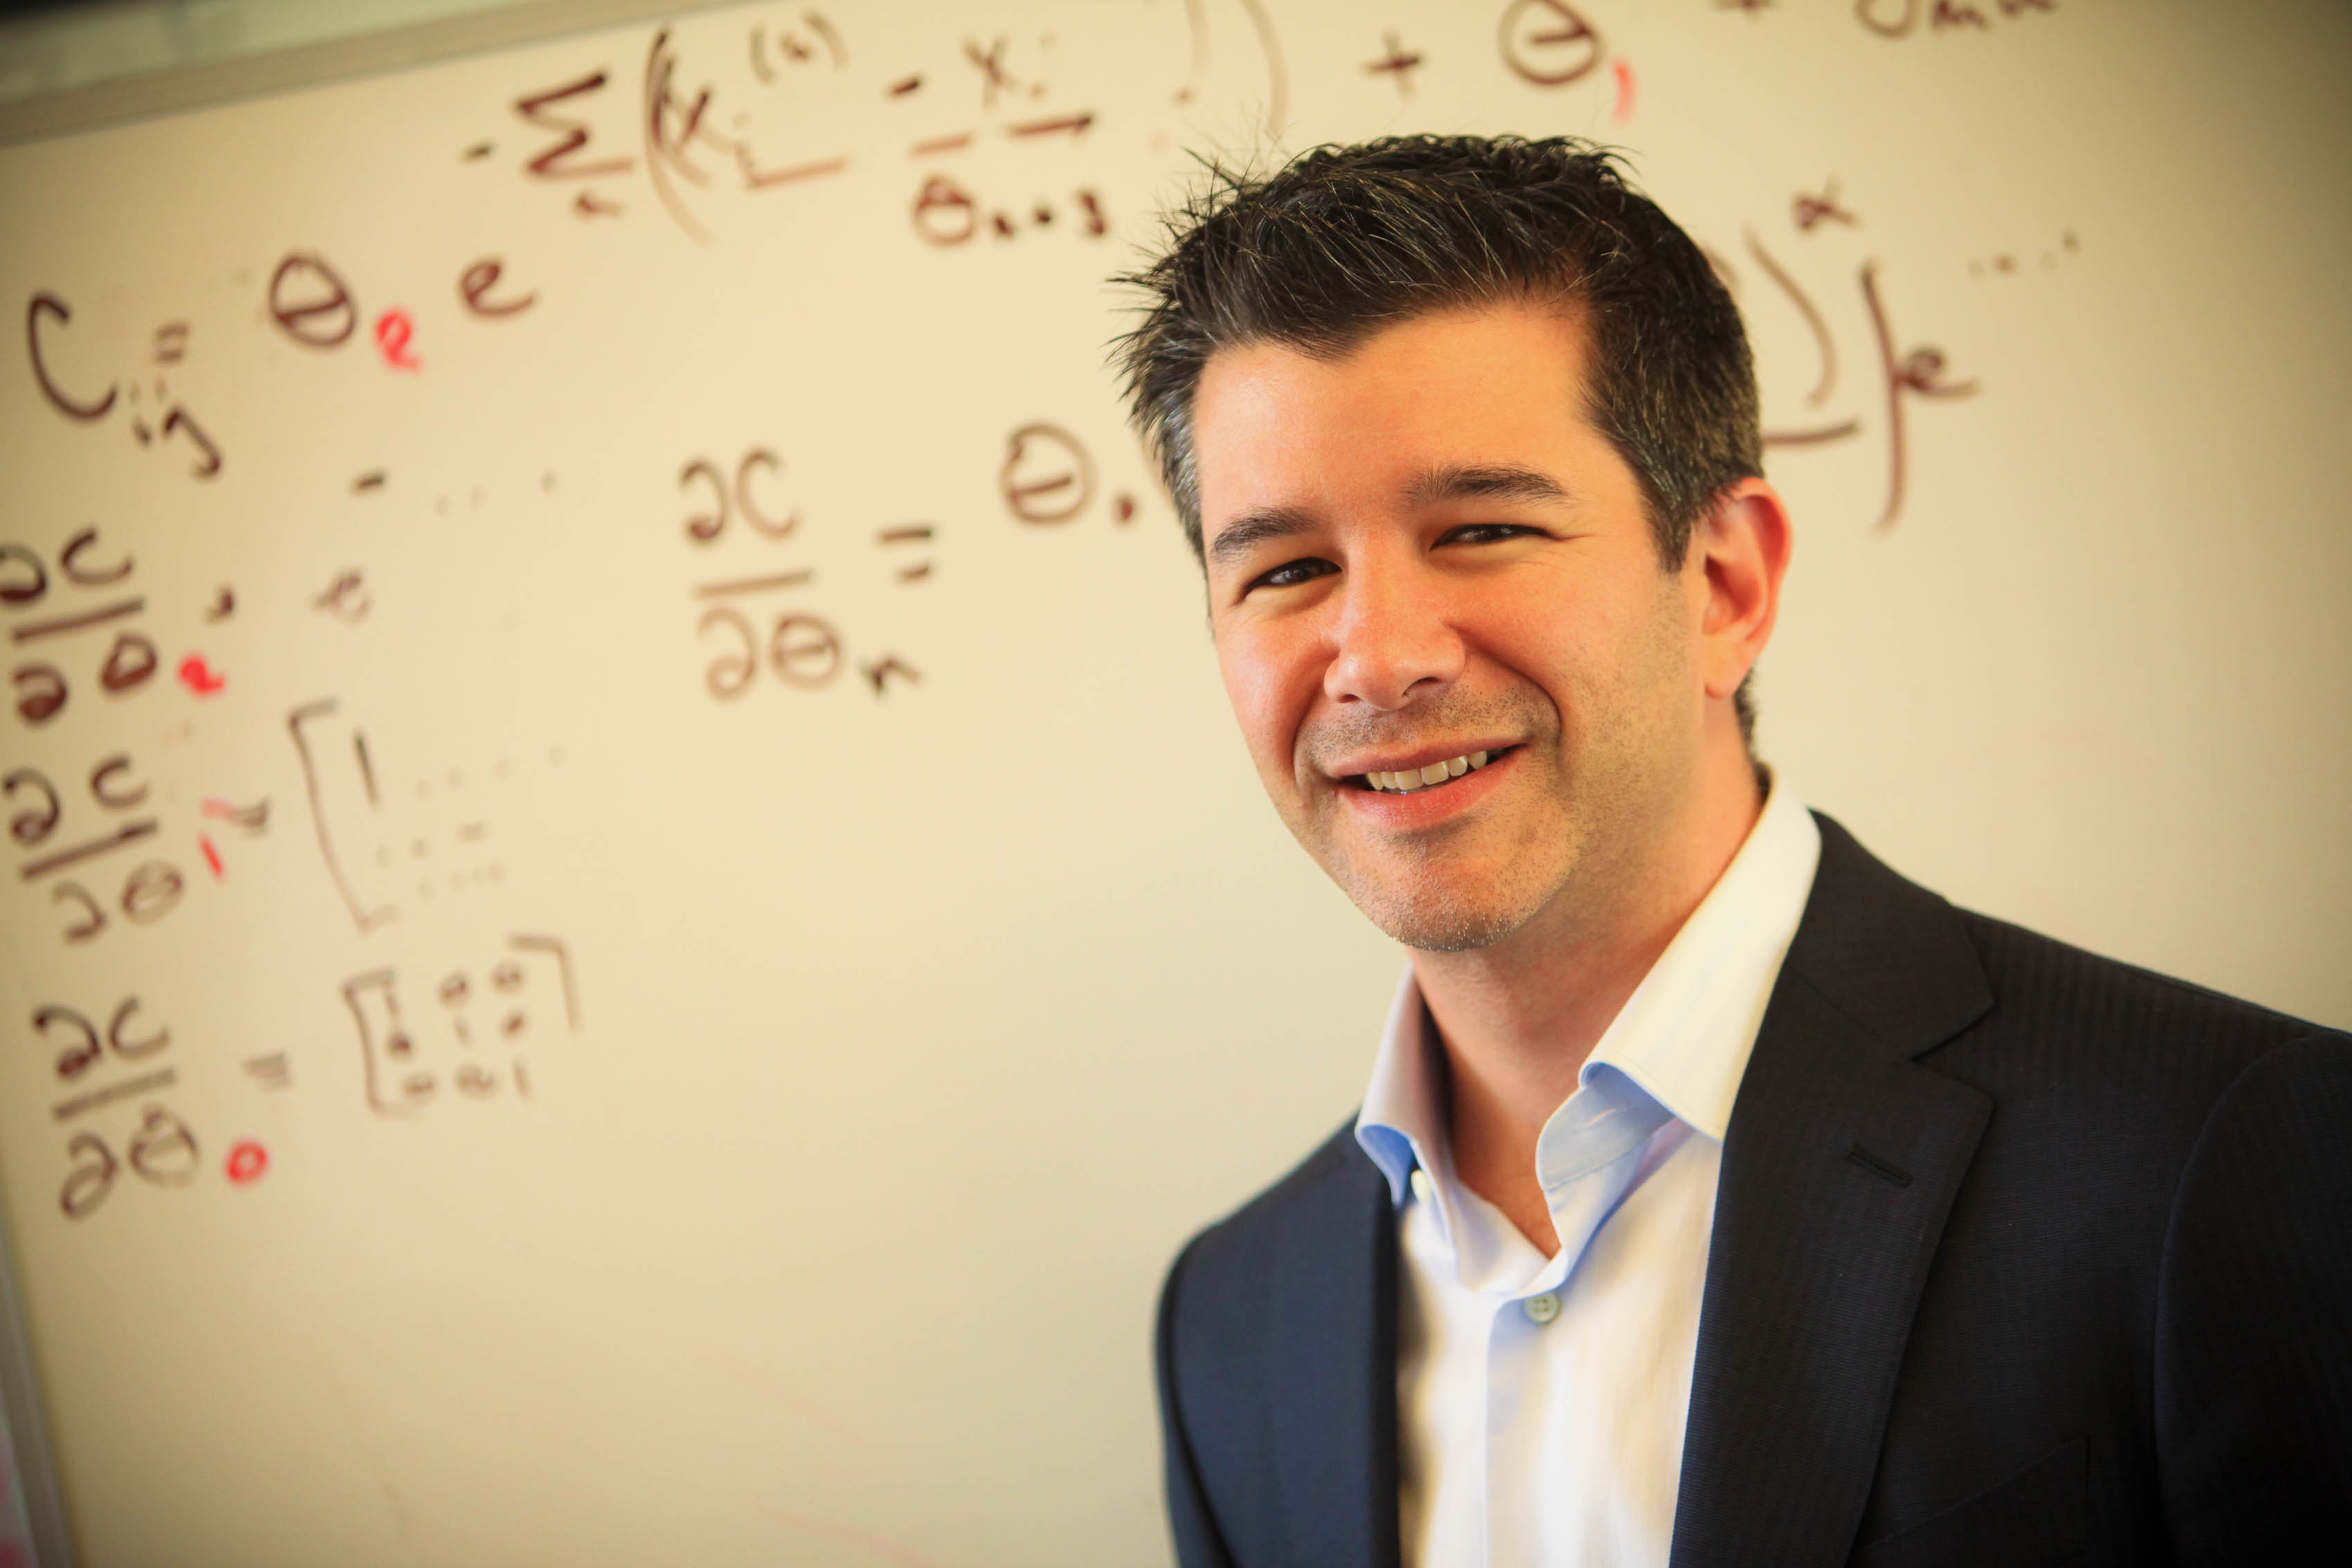 Життя і особистість Тревіса Каланіка, засновника Uber - найдорожчого стартапу в світі